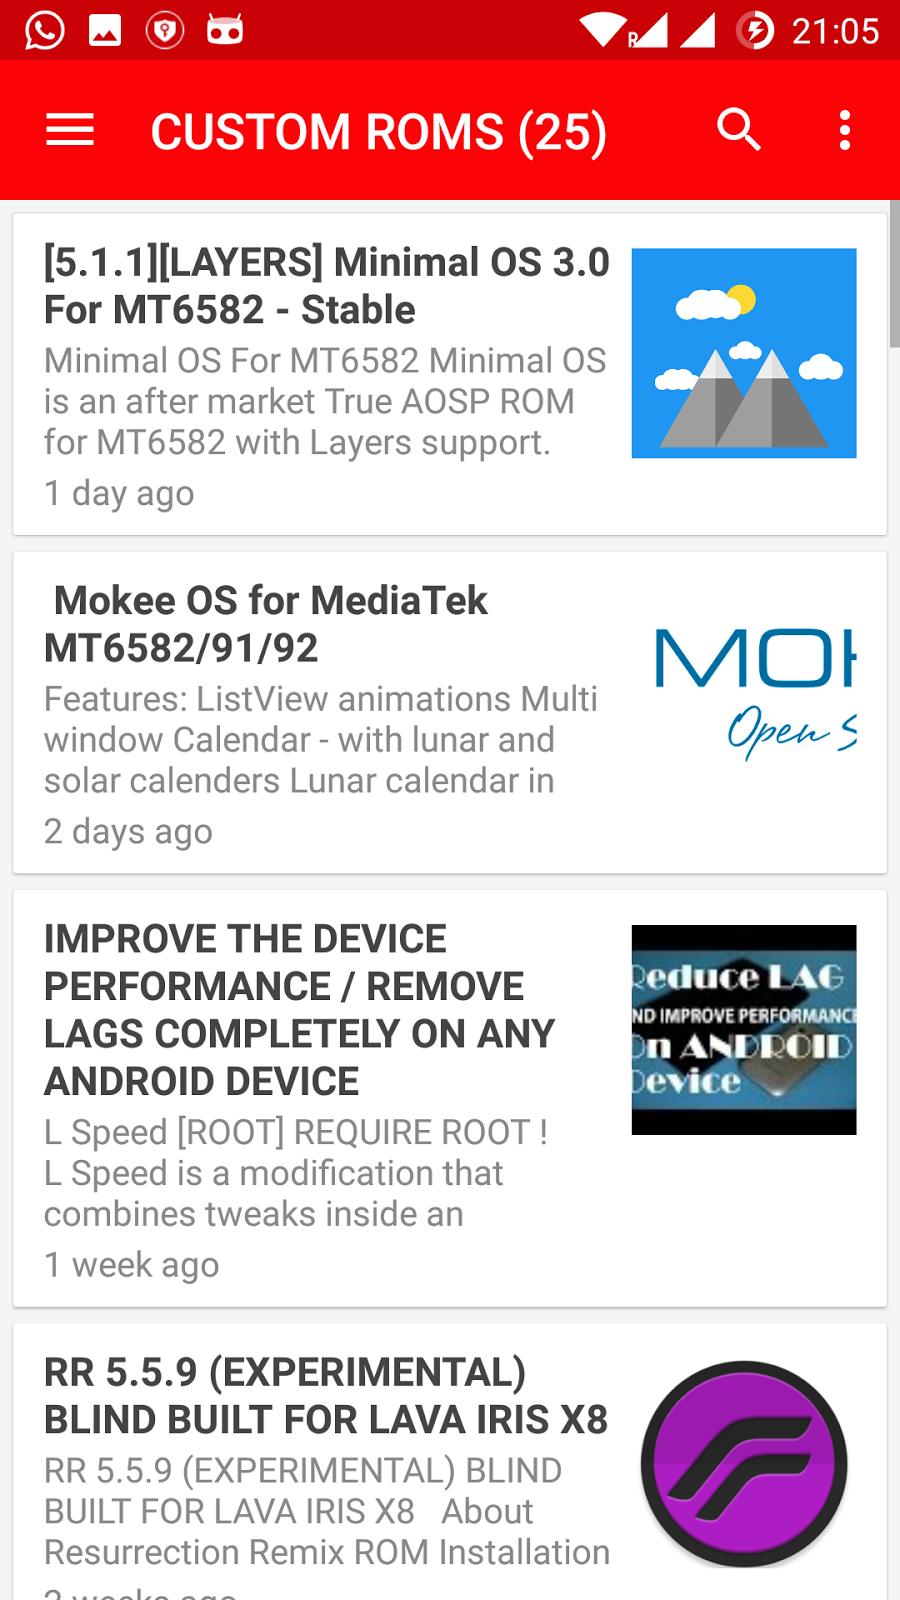 Custom ROMs for mtk devices